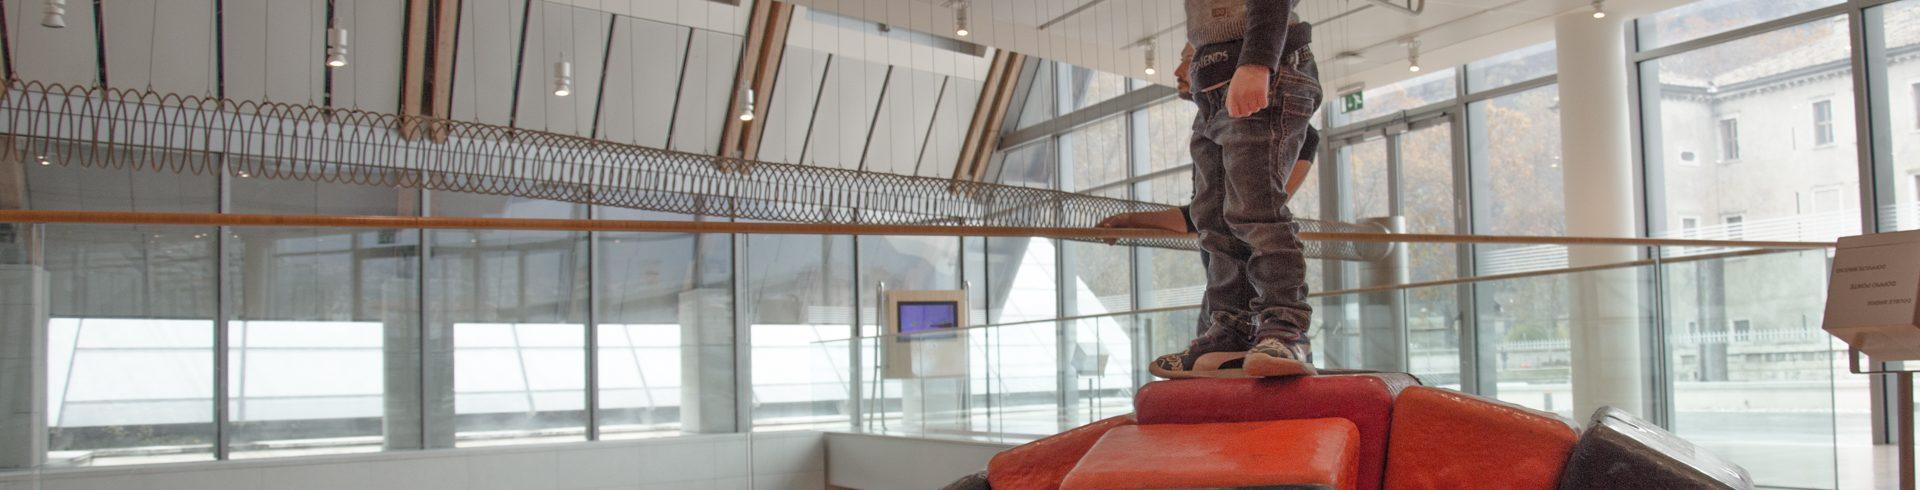 MUSE, il Museo di Scienze Naturali di Trento